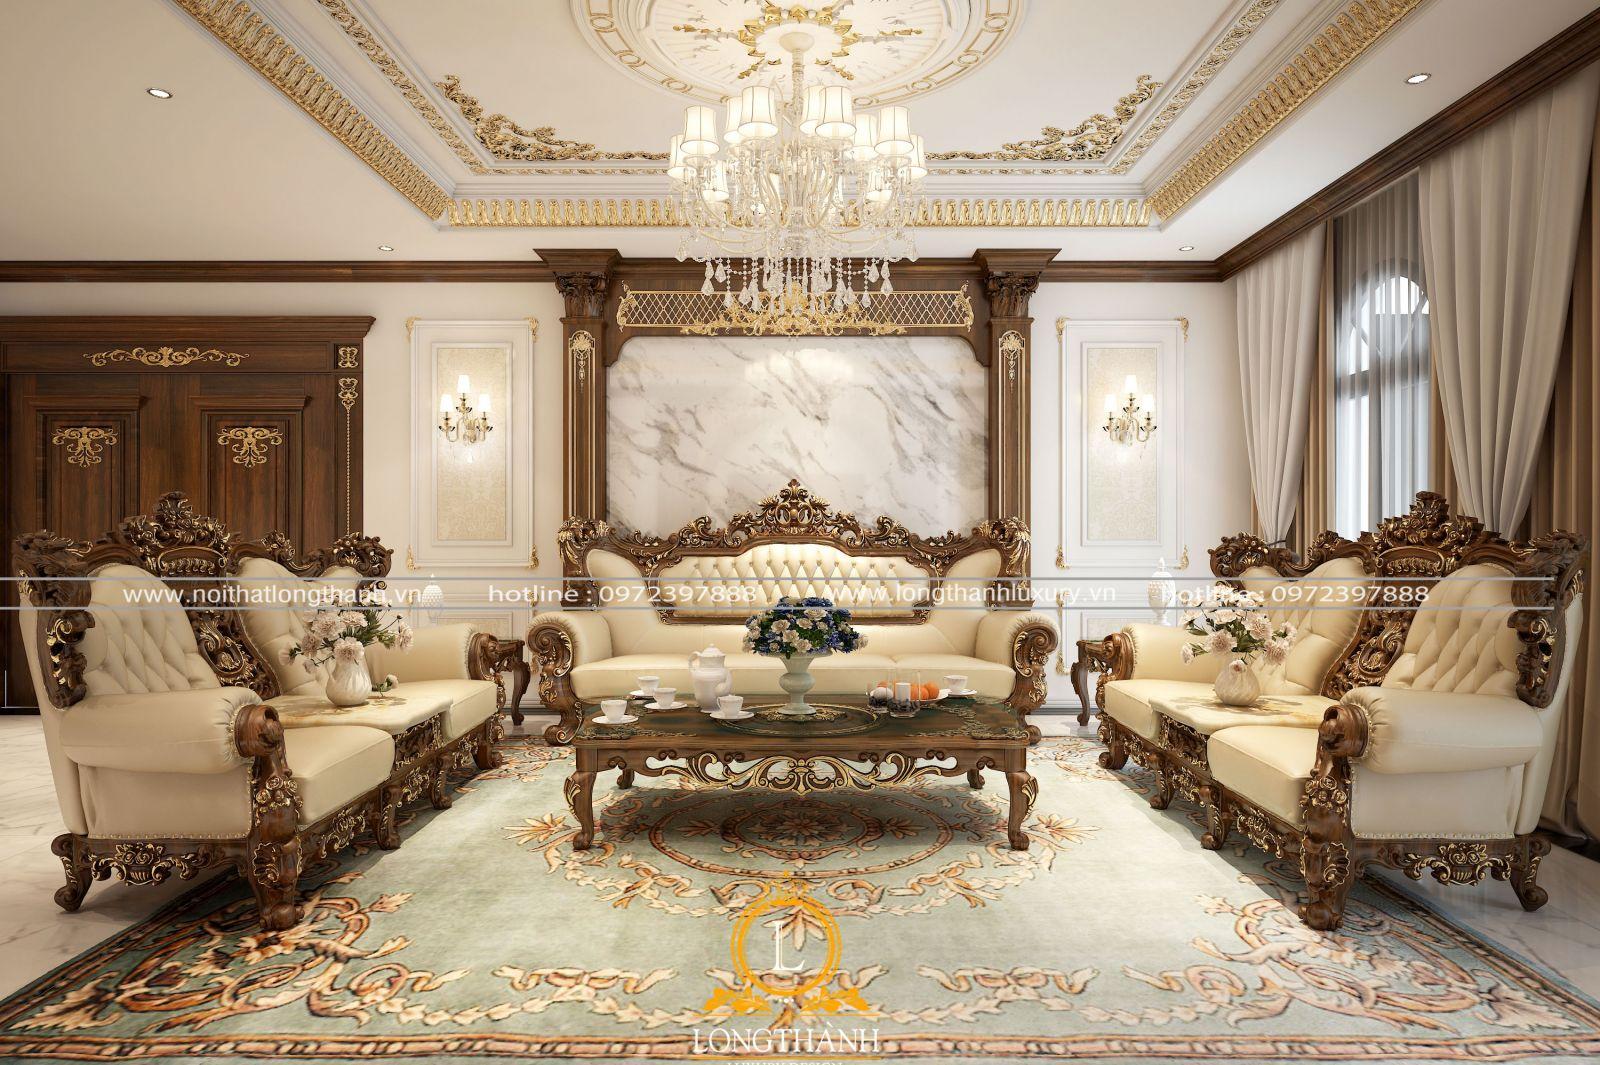 Thêm mẫu phòng khách tân cổ điển đẹp được nhiều khách hàng ưa chuộng